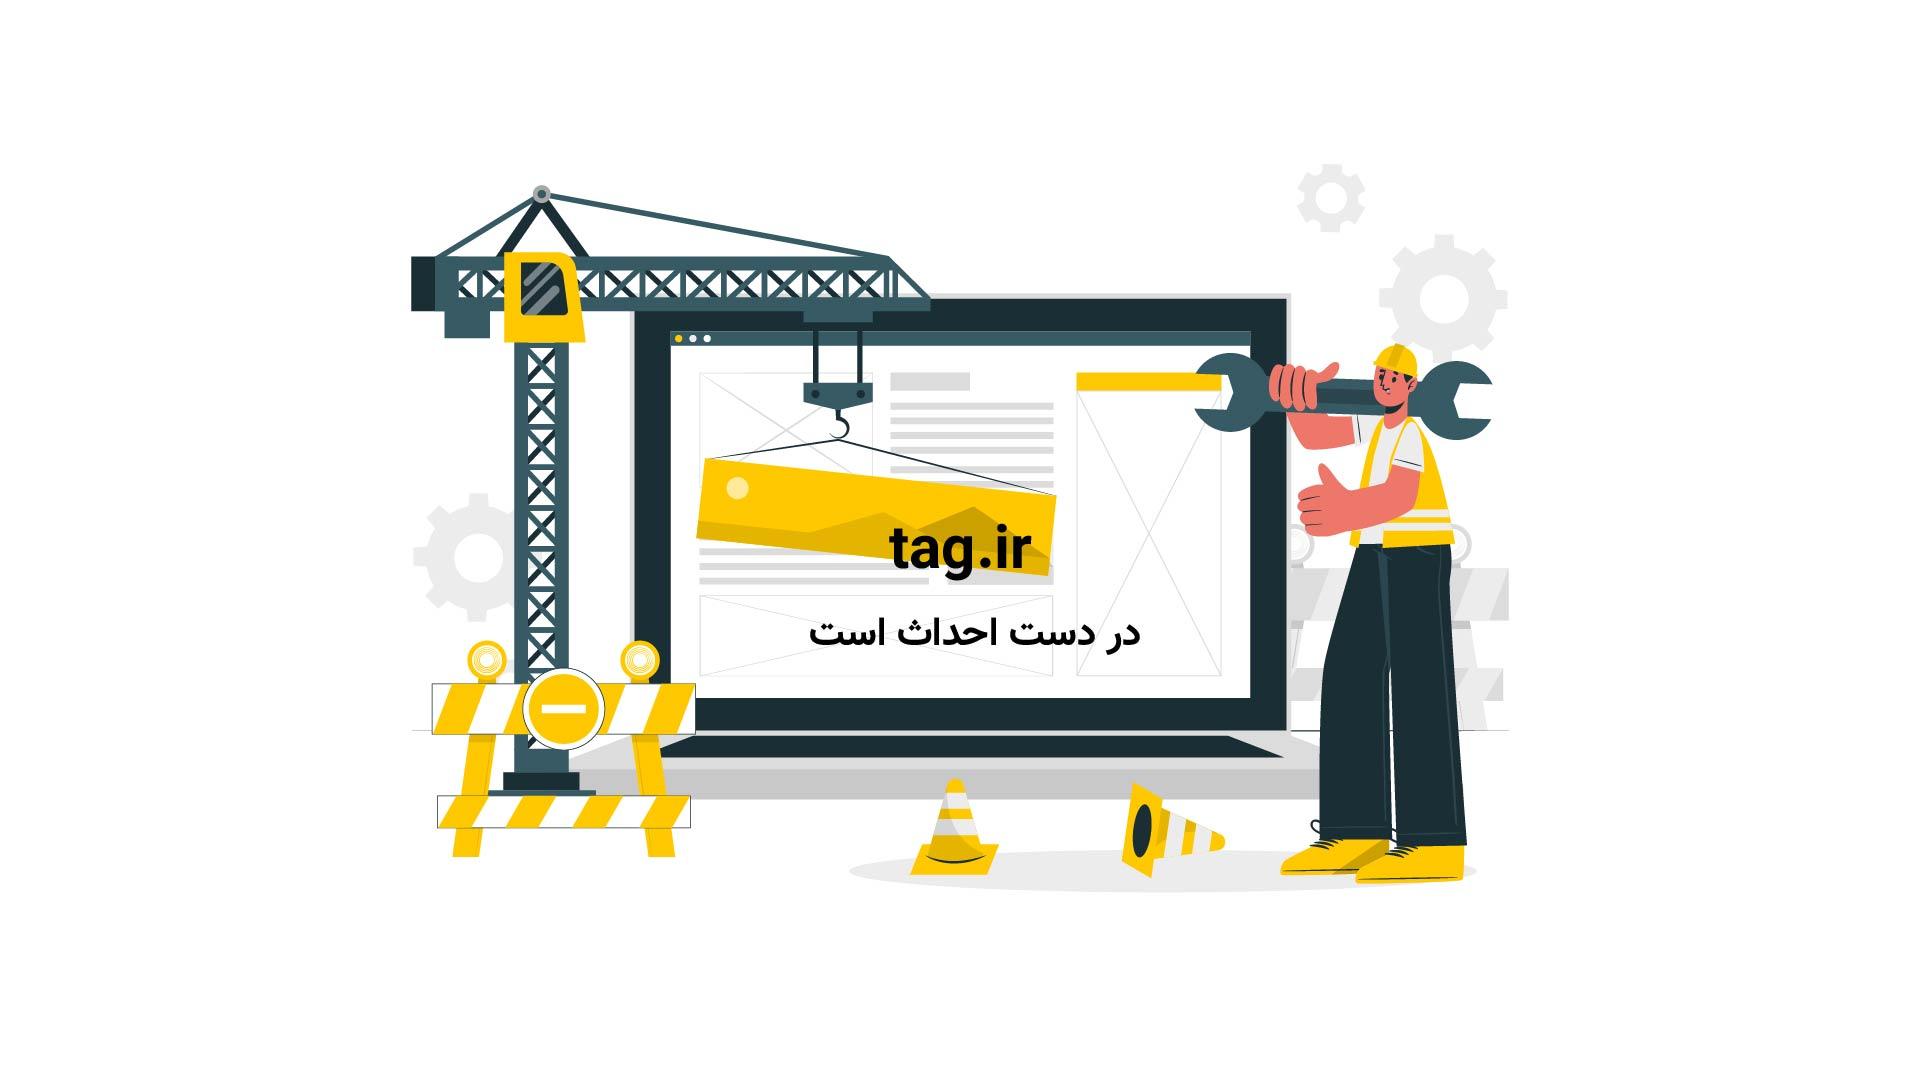 """طرح """"کهکشان راه شیری"""" رازهایی از پیدایش ستارگان را برملا میکند تگ"""